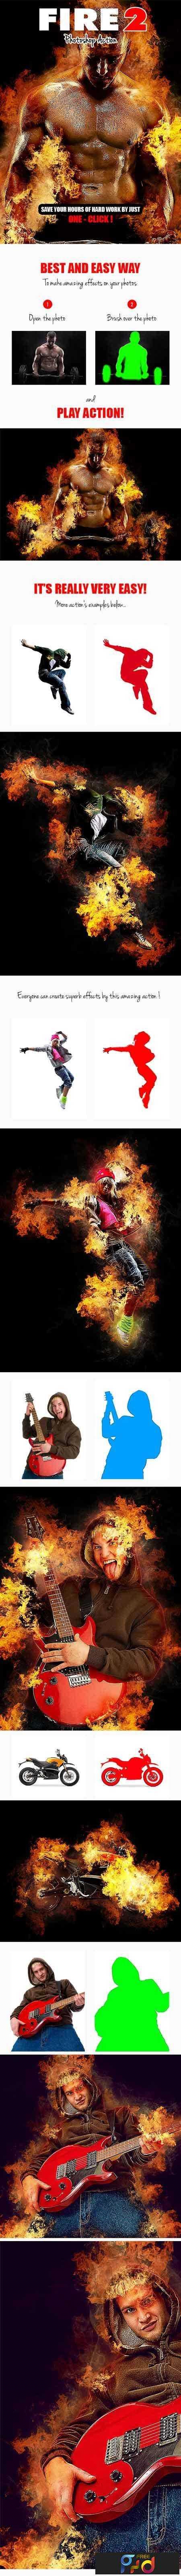 freepsdvn-com_1476036982_fire-v-2-photoshop-action-17141920